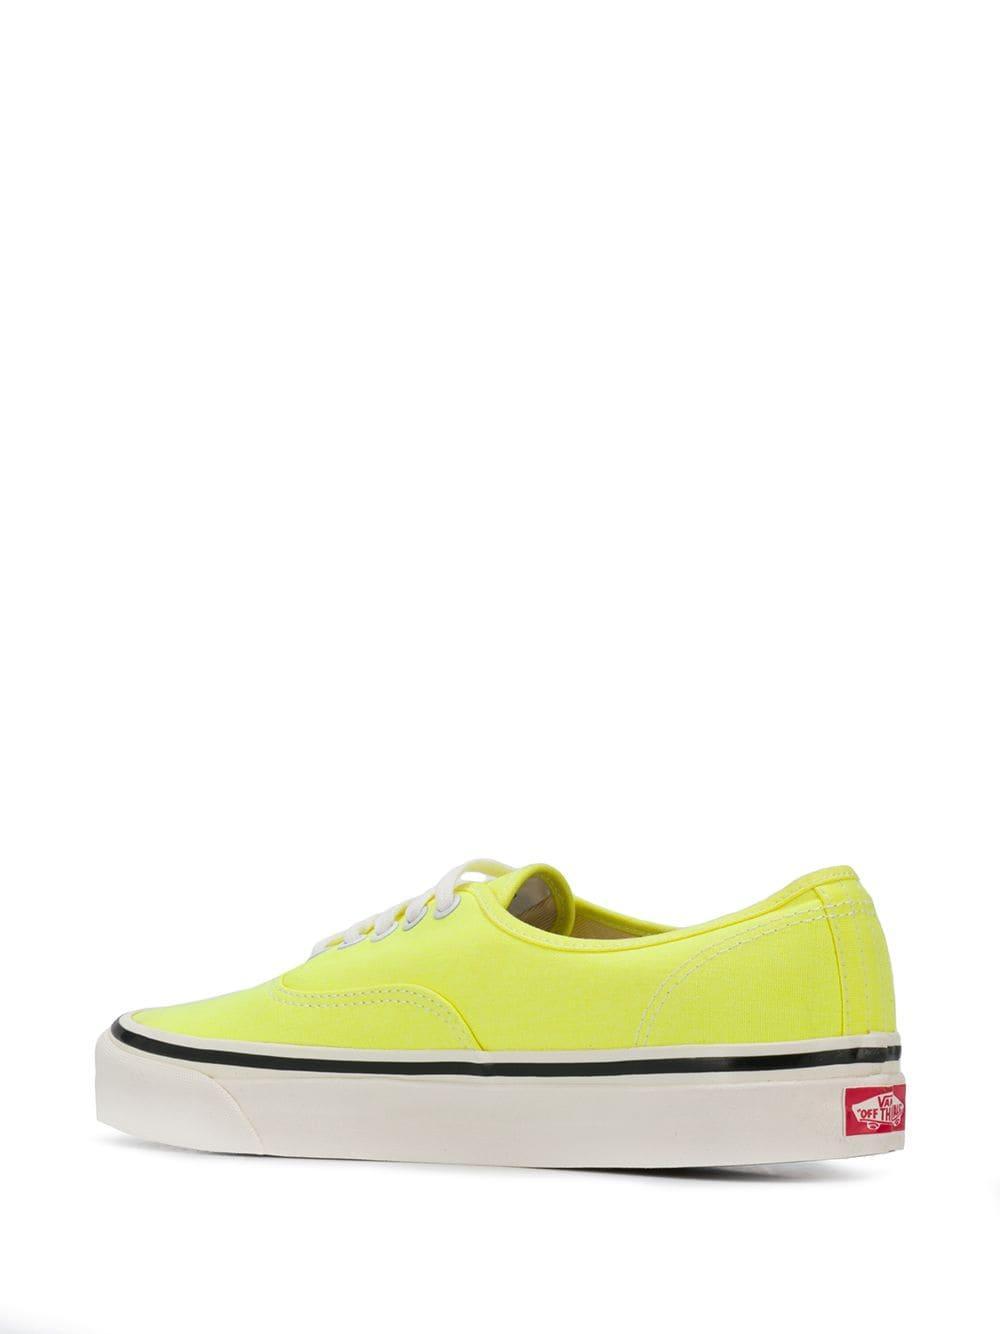 Vans Canvas 44 Dx Sneakers in het Geel voor heren